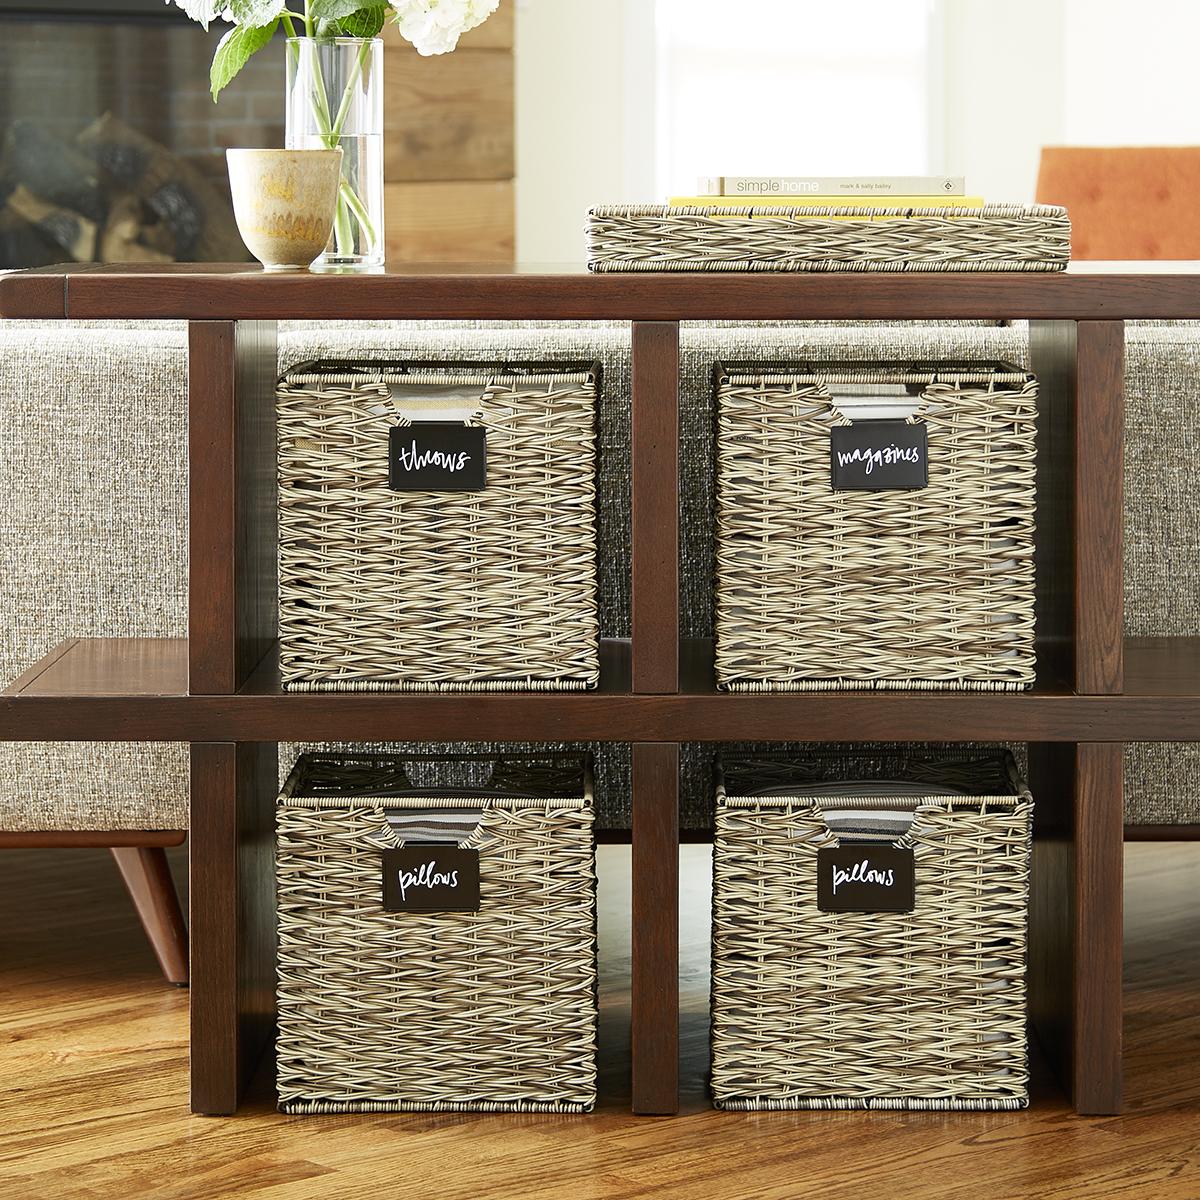 Merveilleux Ashcraft Storage Cubes With Handles